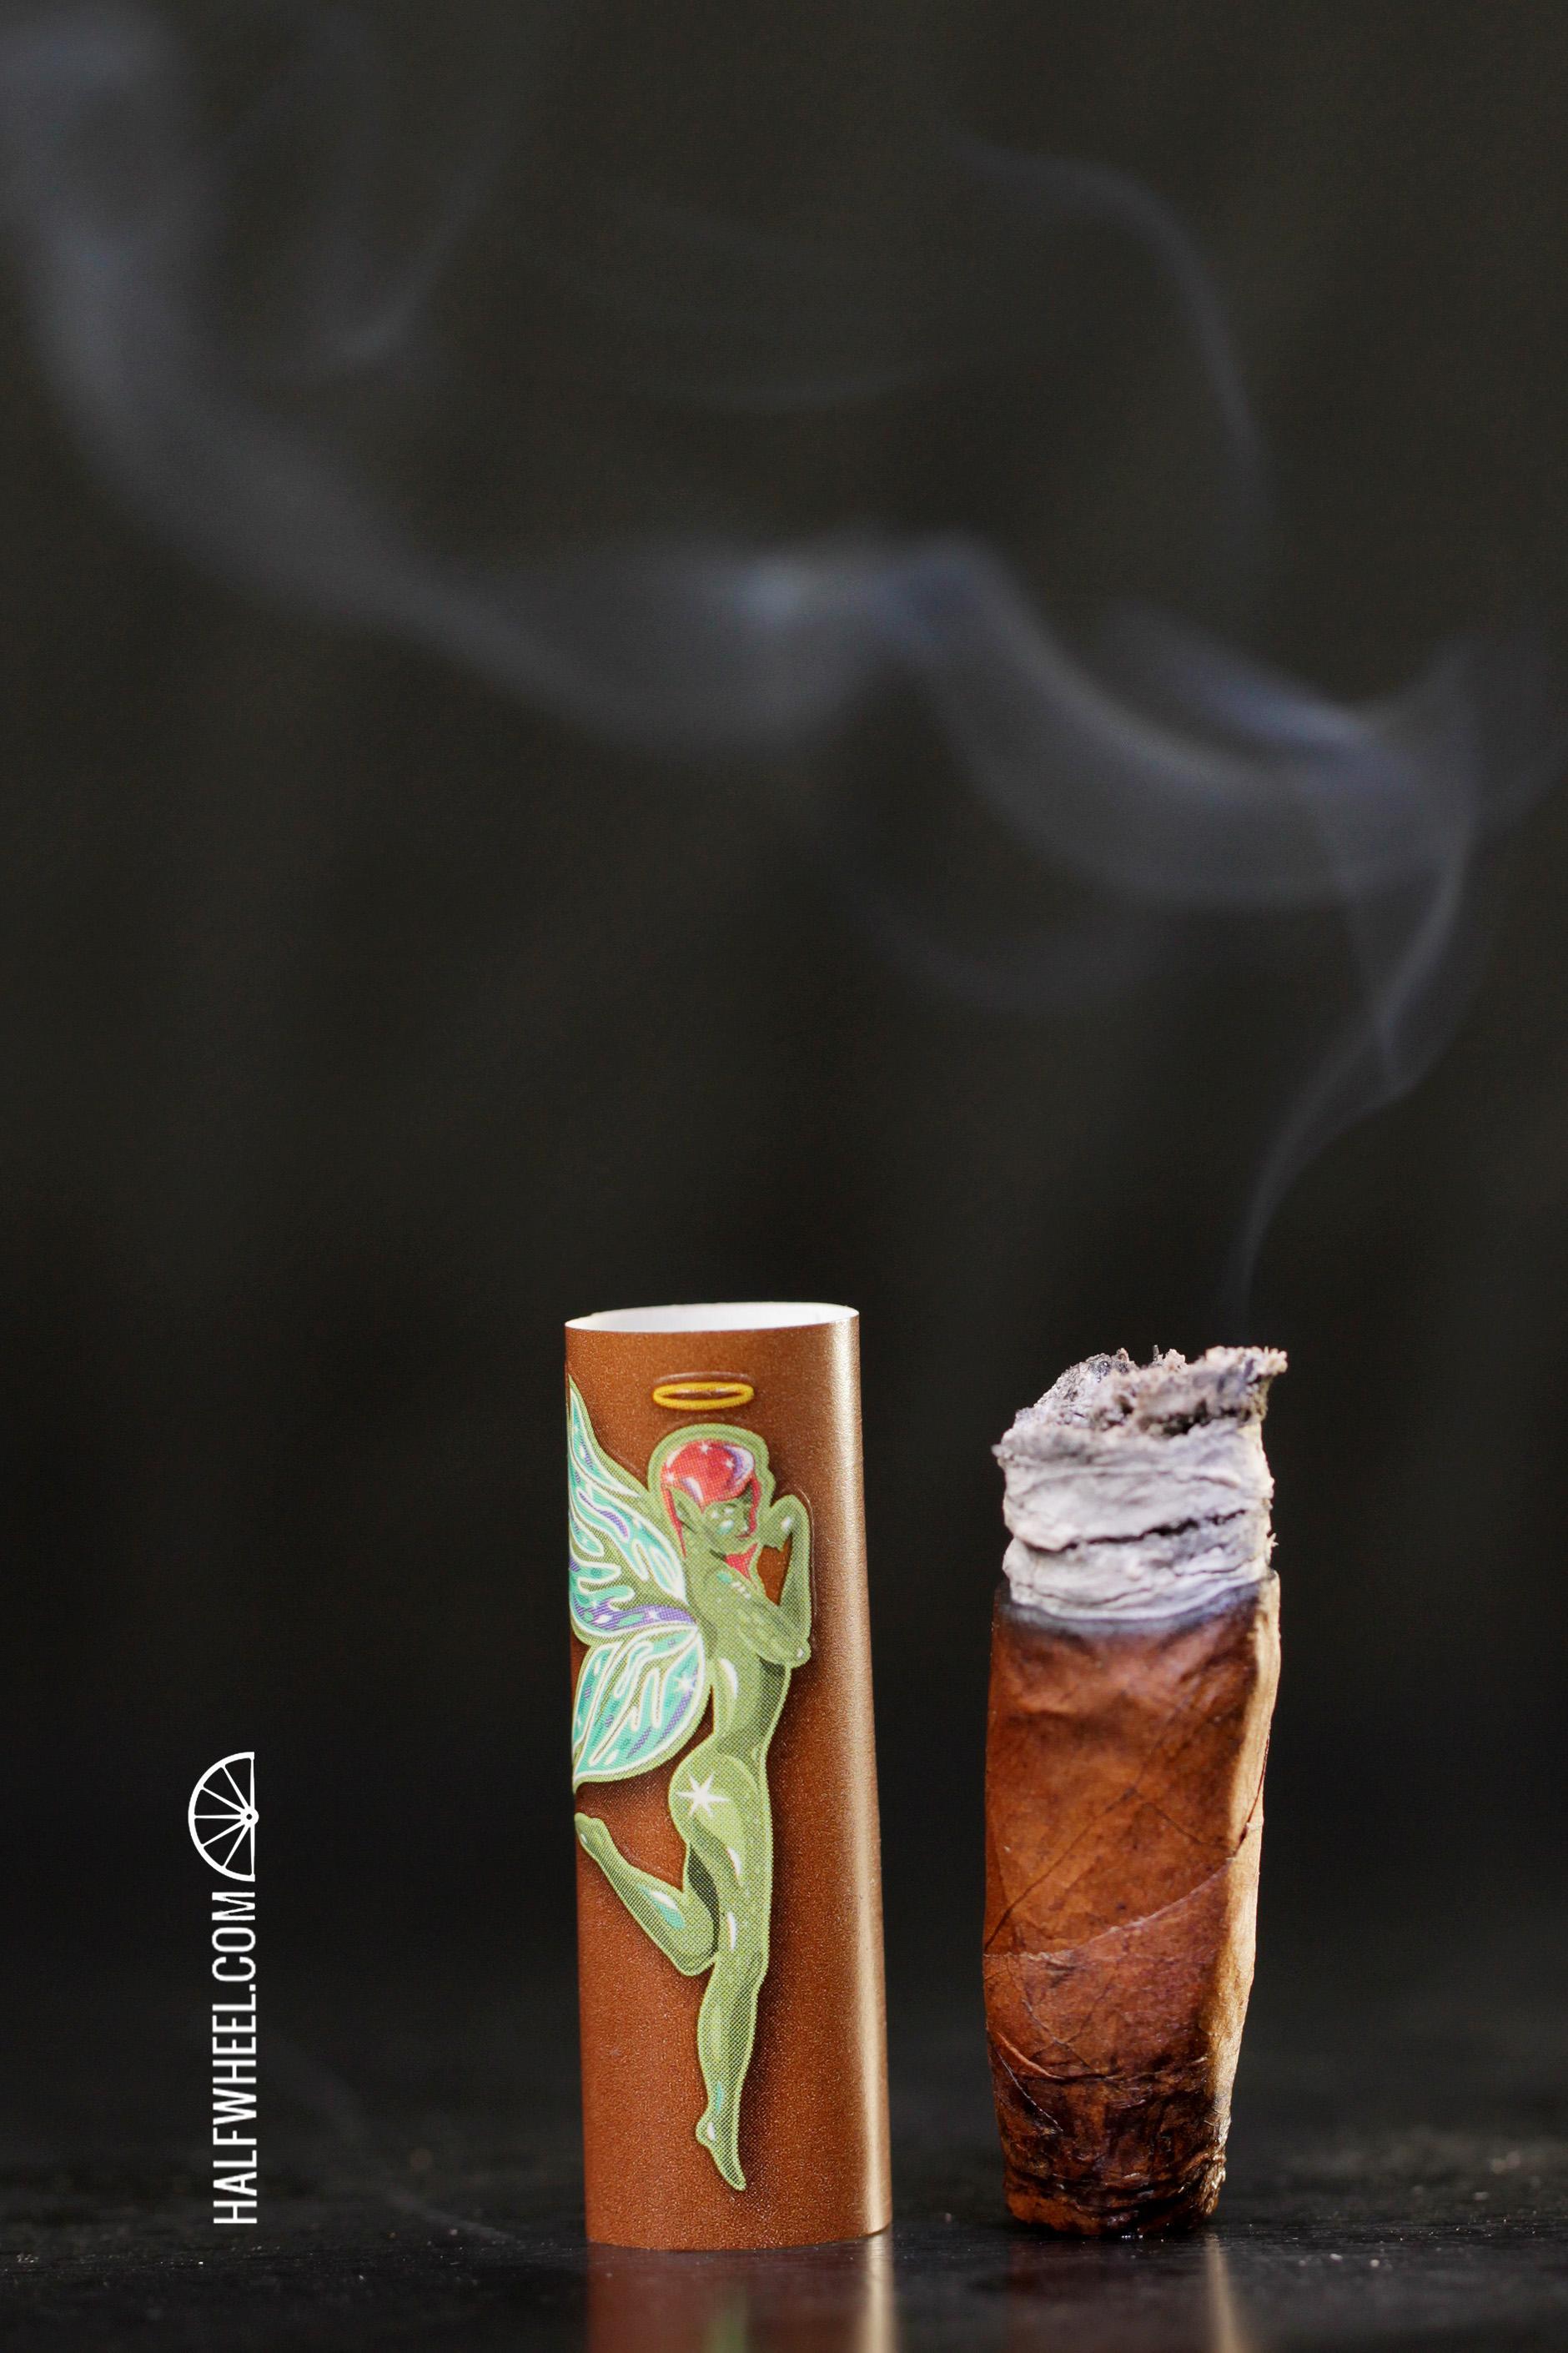 Crux Cigars Ninfamaniac 4